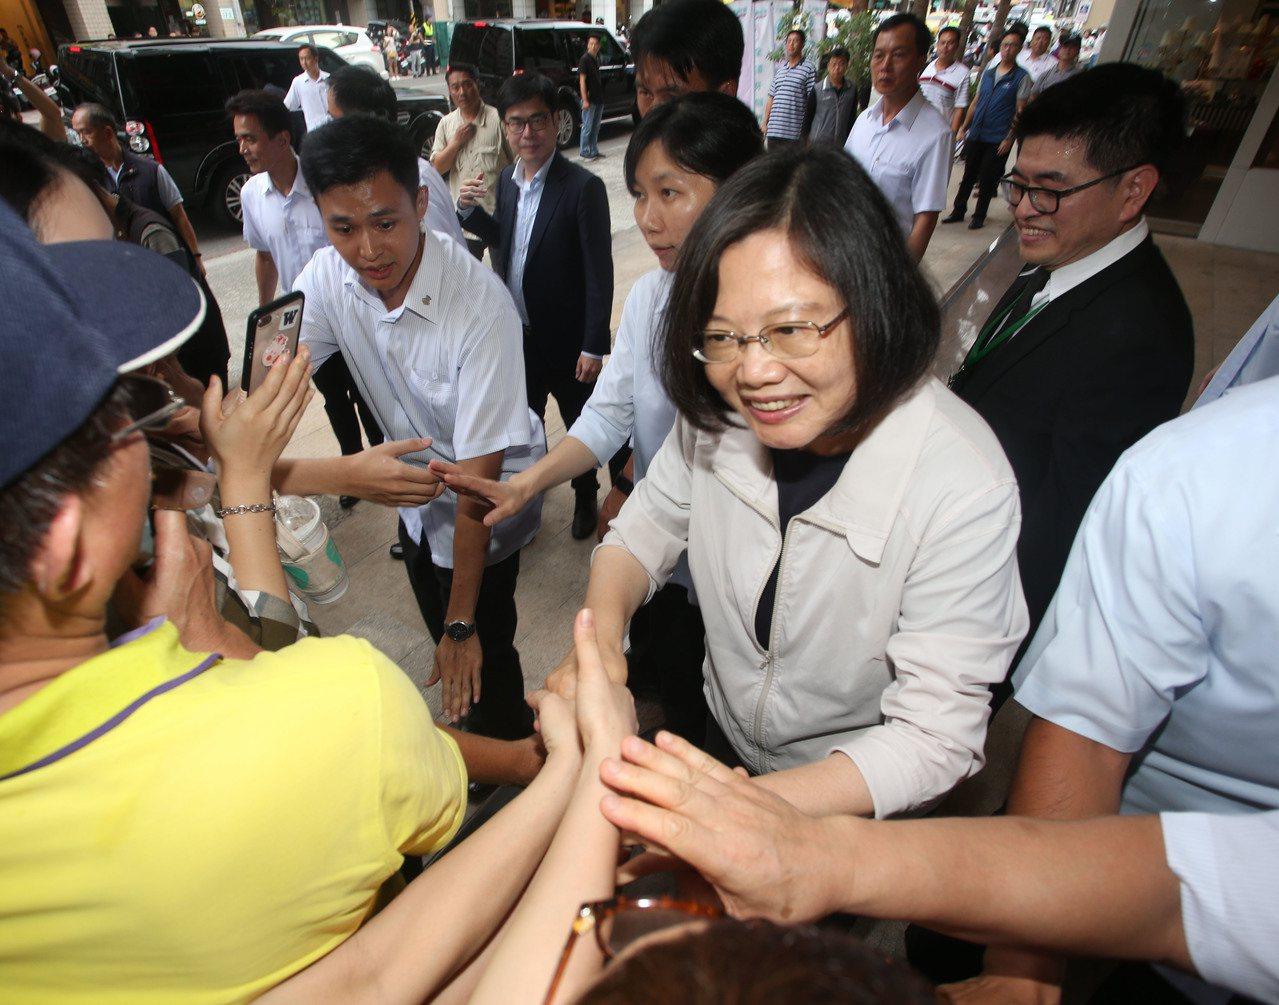 蔡英文總統今天南下出席「南台灣牙醫界蔡英文連任後援會」,受到許多支持者熱烈歡迎。...